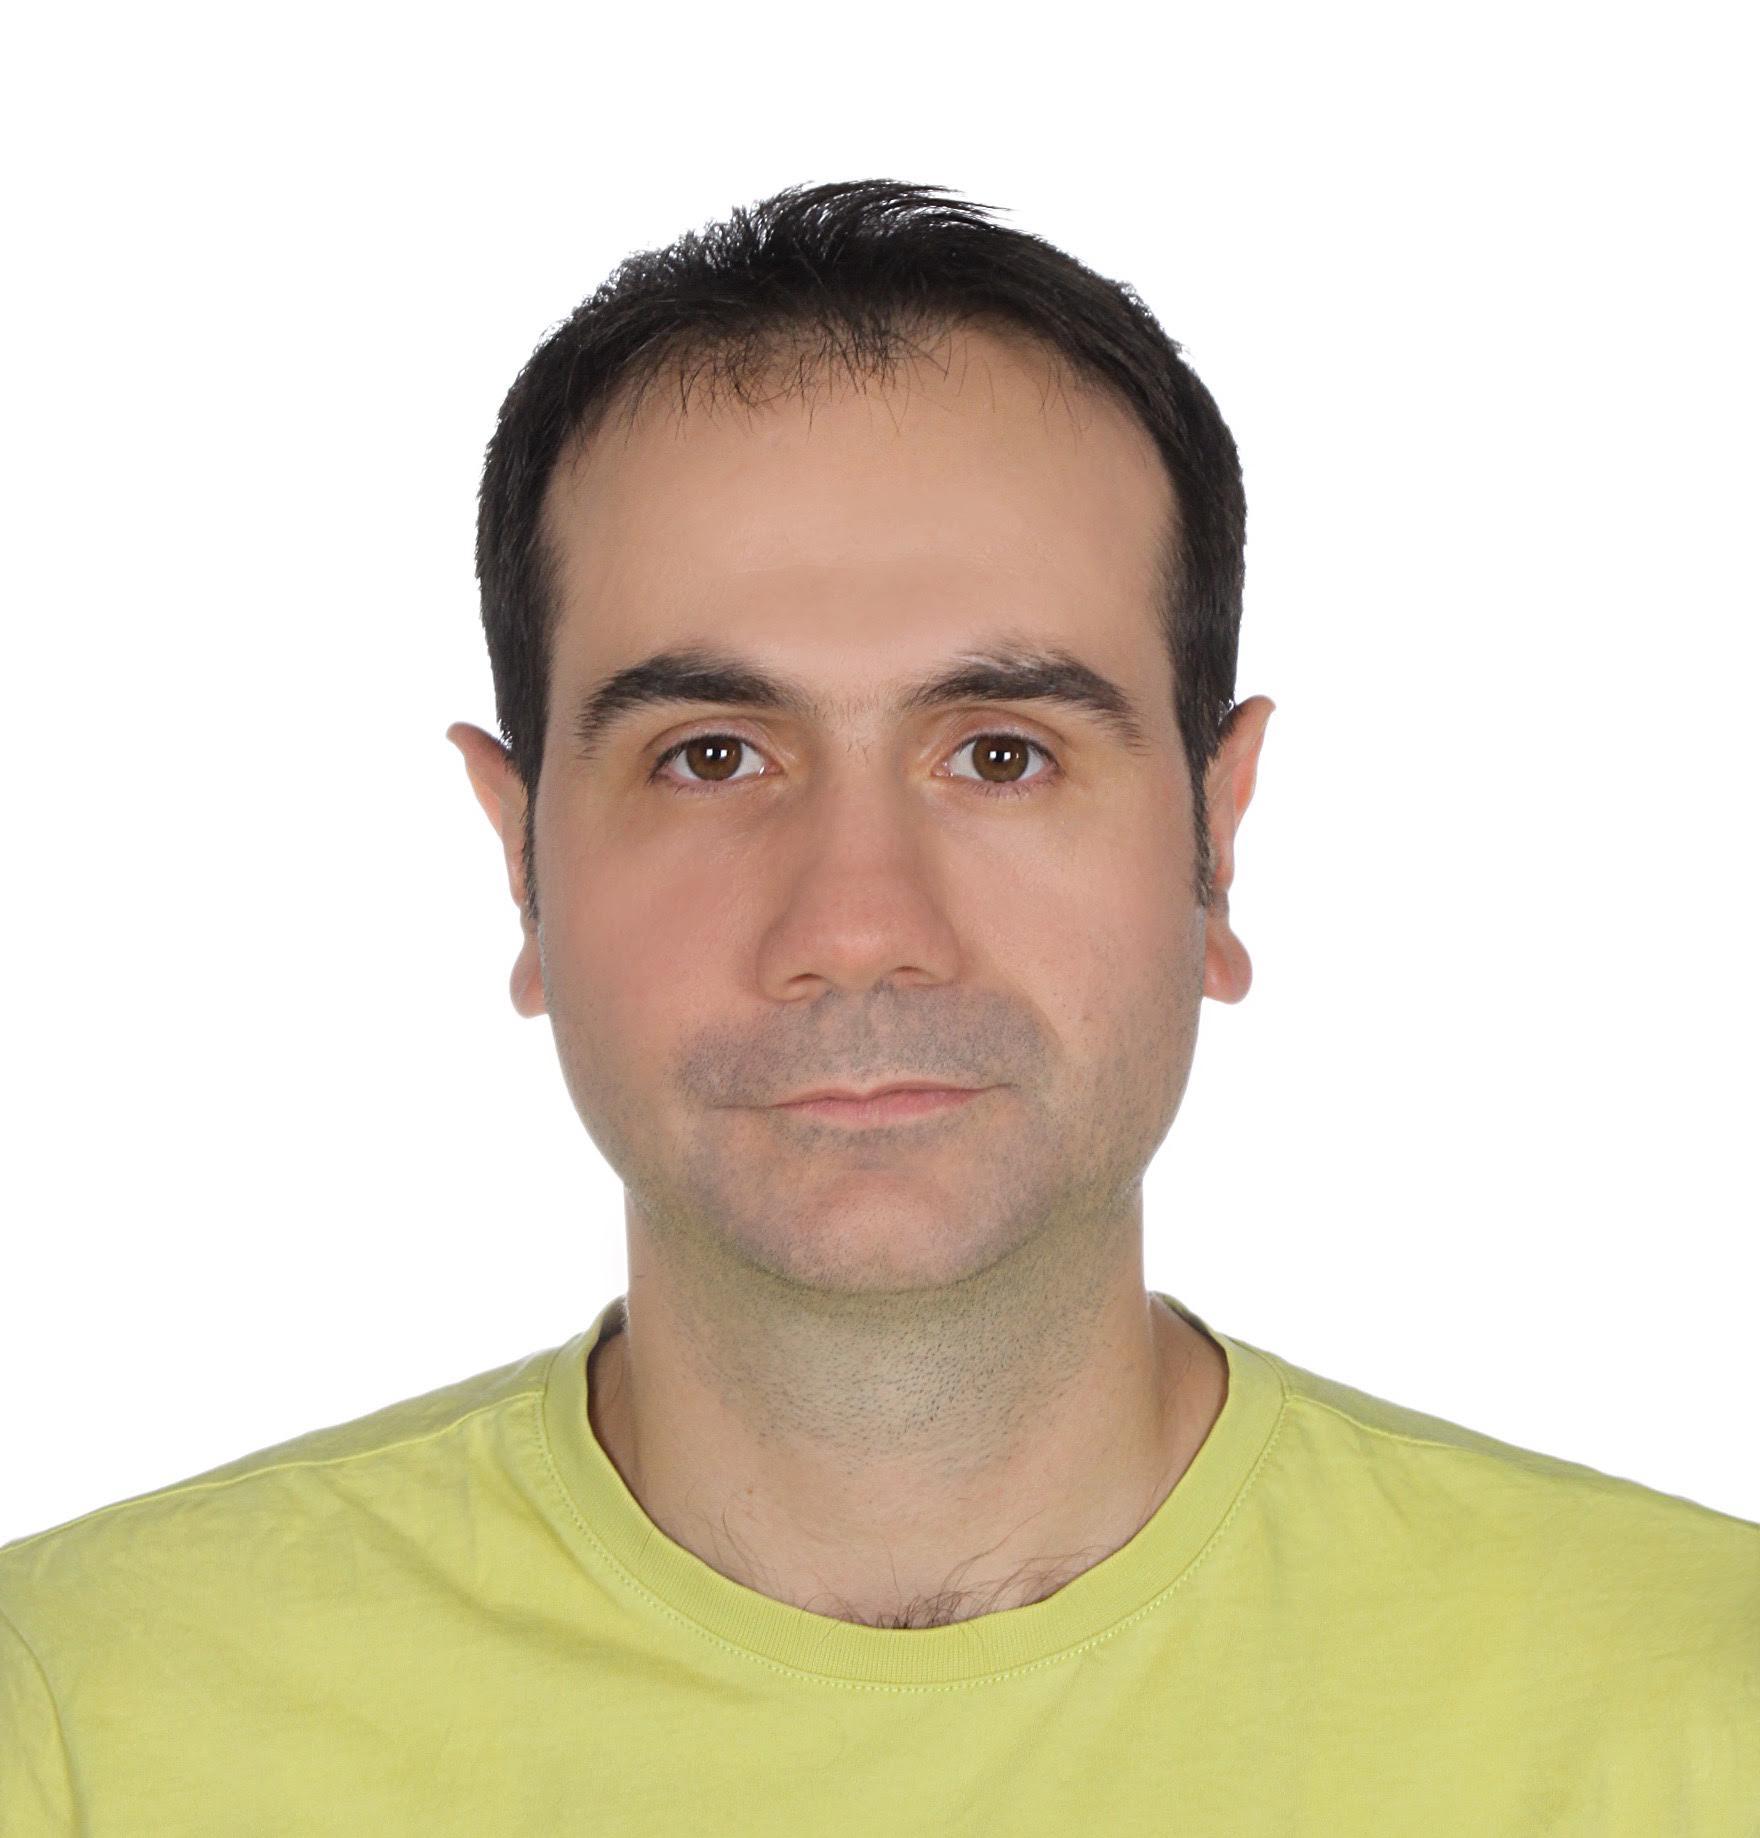 İrfan Nuri Karaca Image